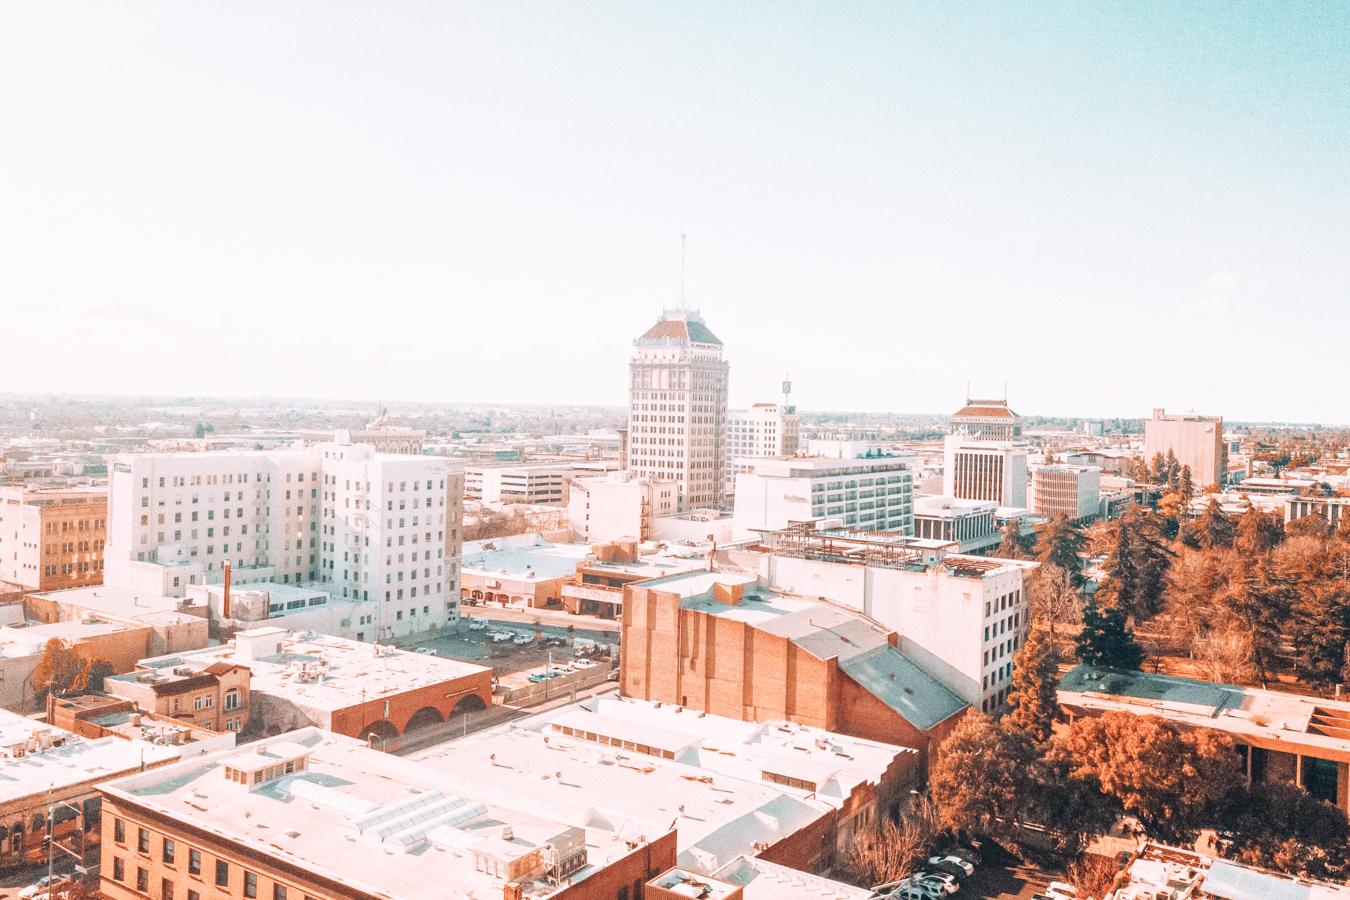 View of Fresno